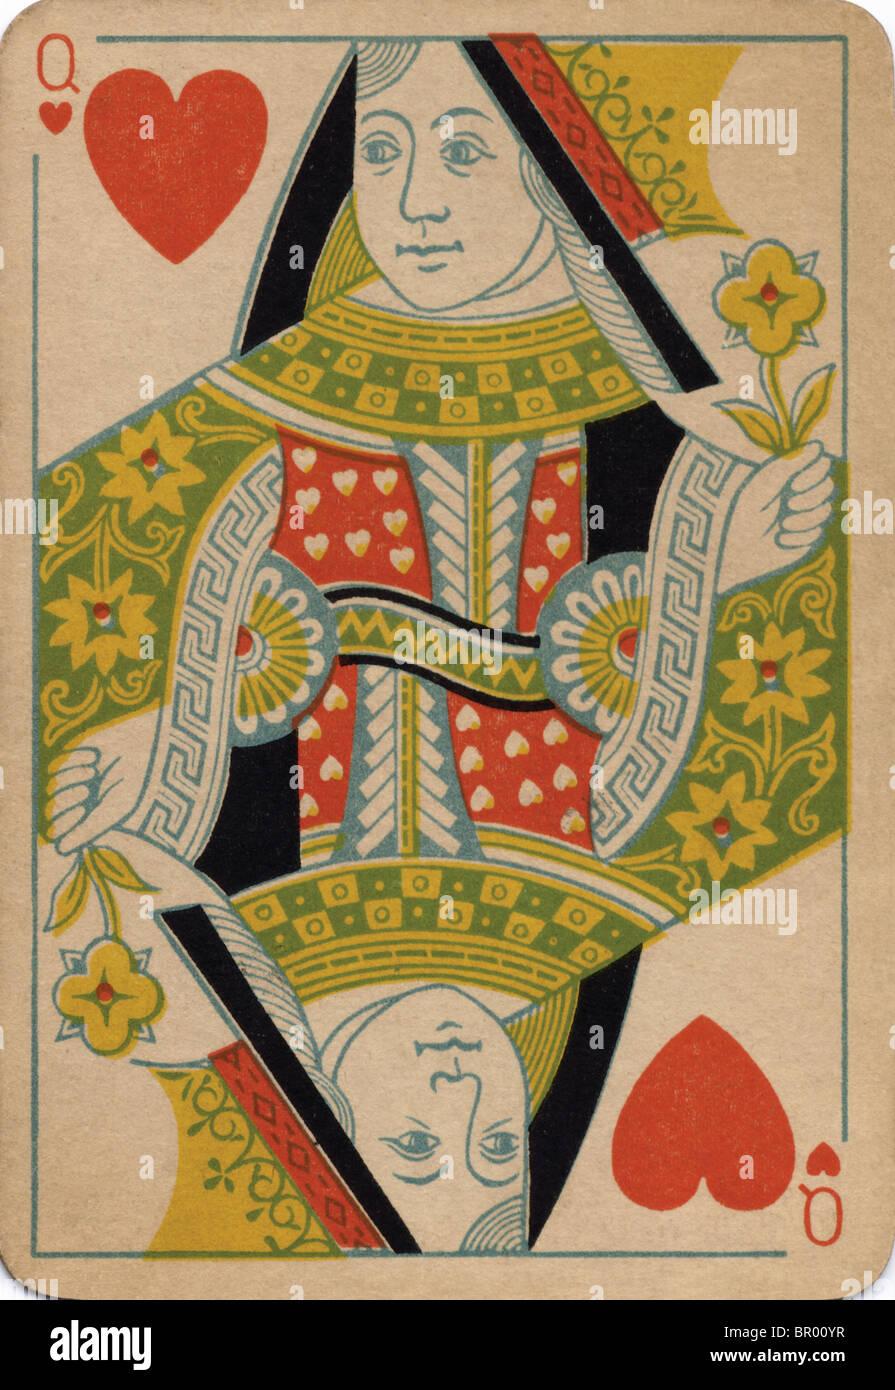 Reina de corazones vintage naipe Imagen De Stock